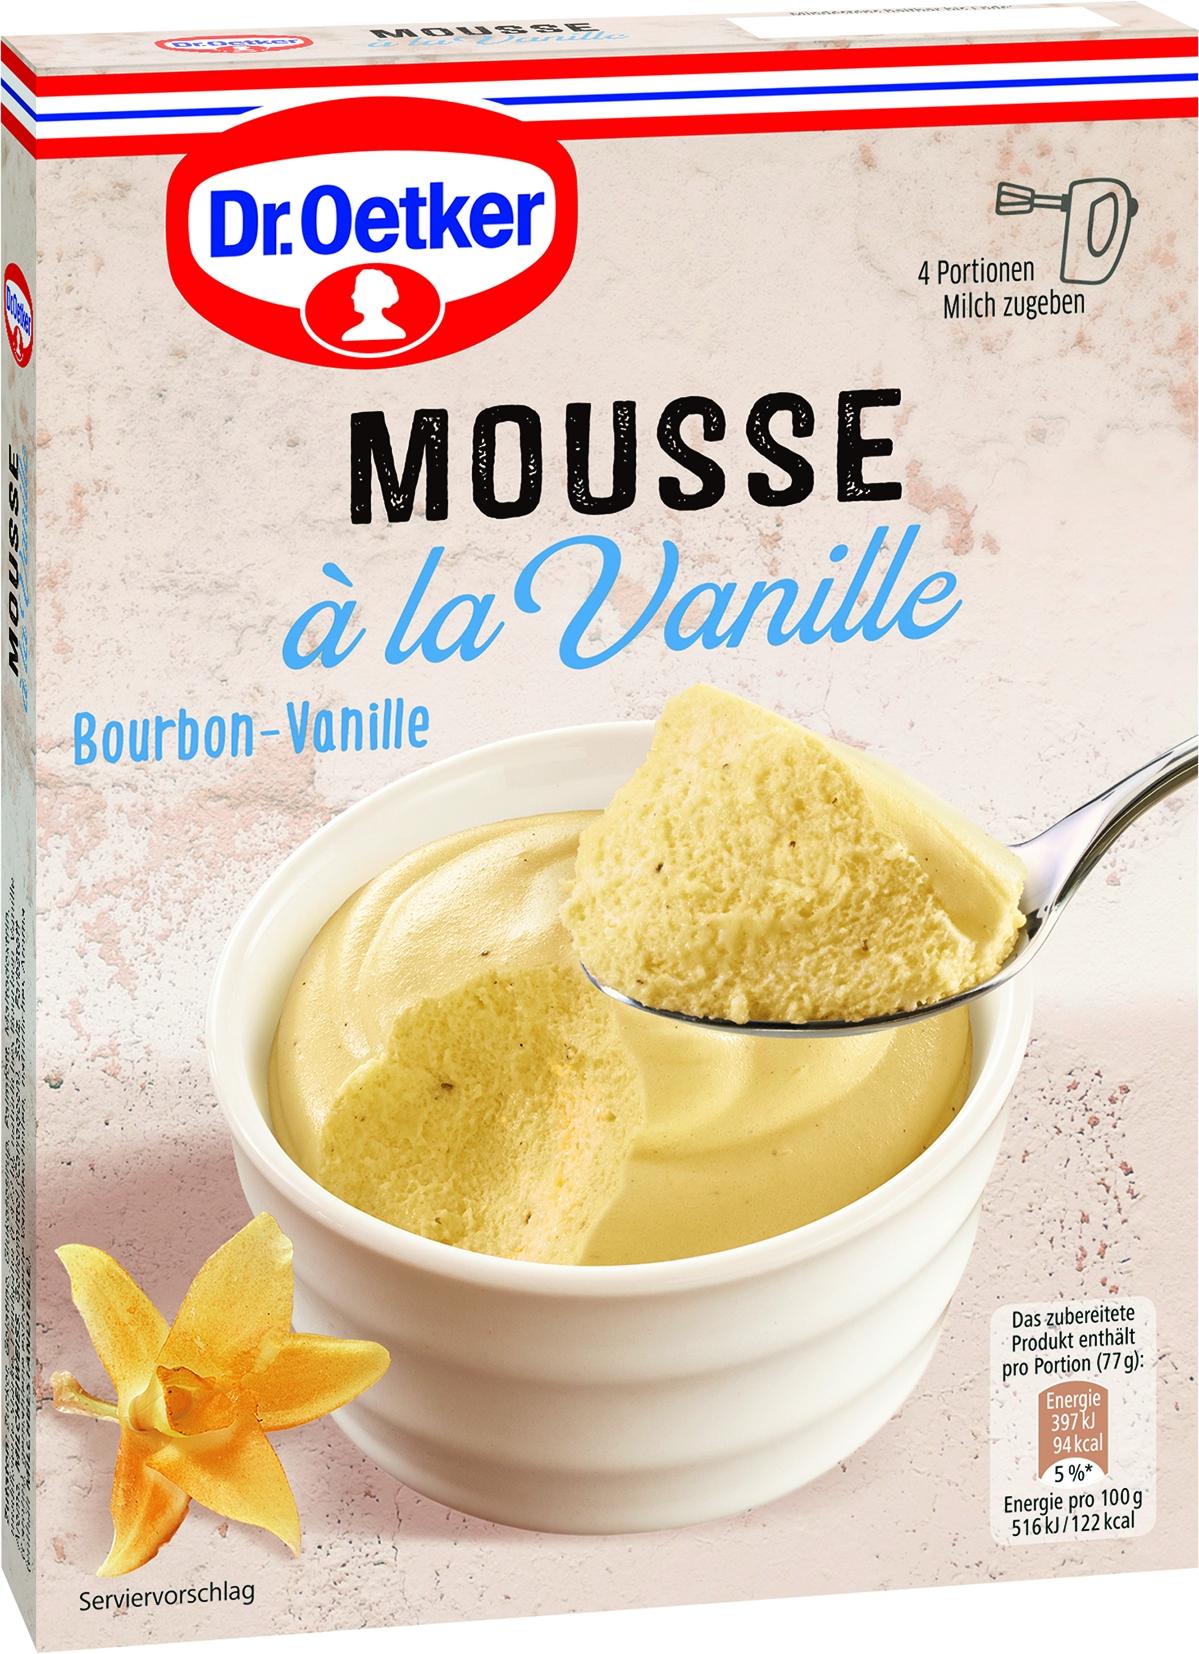 Mousse a la Vanille